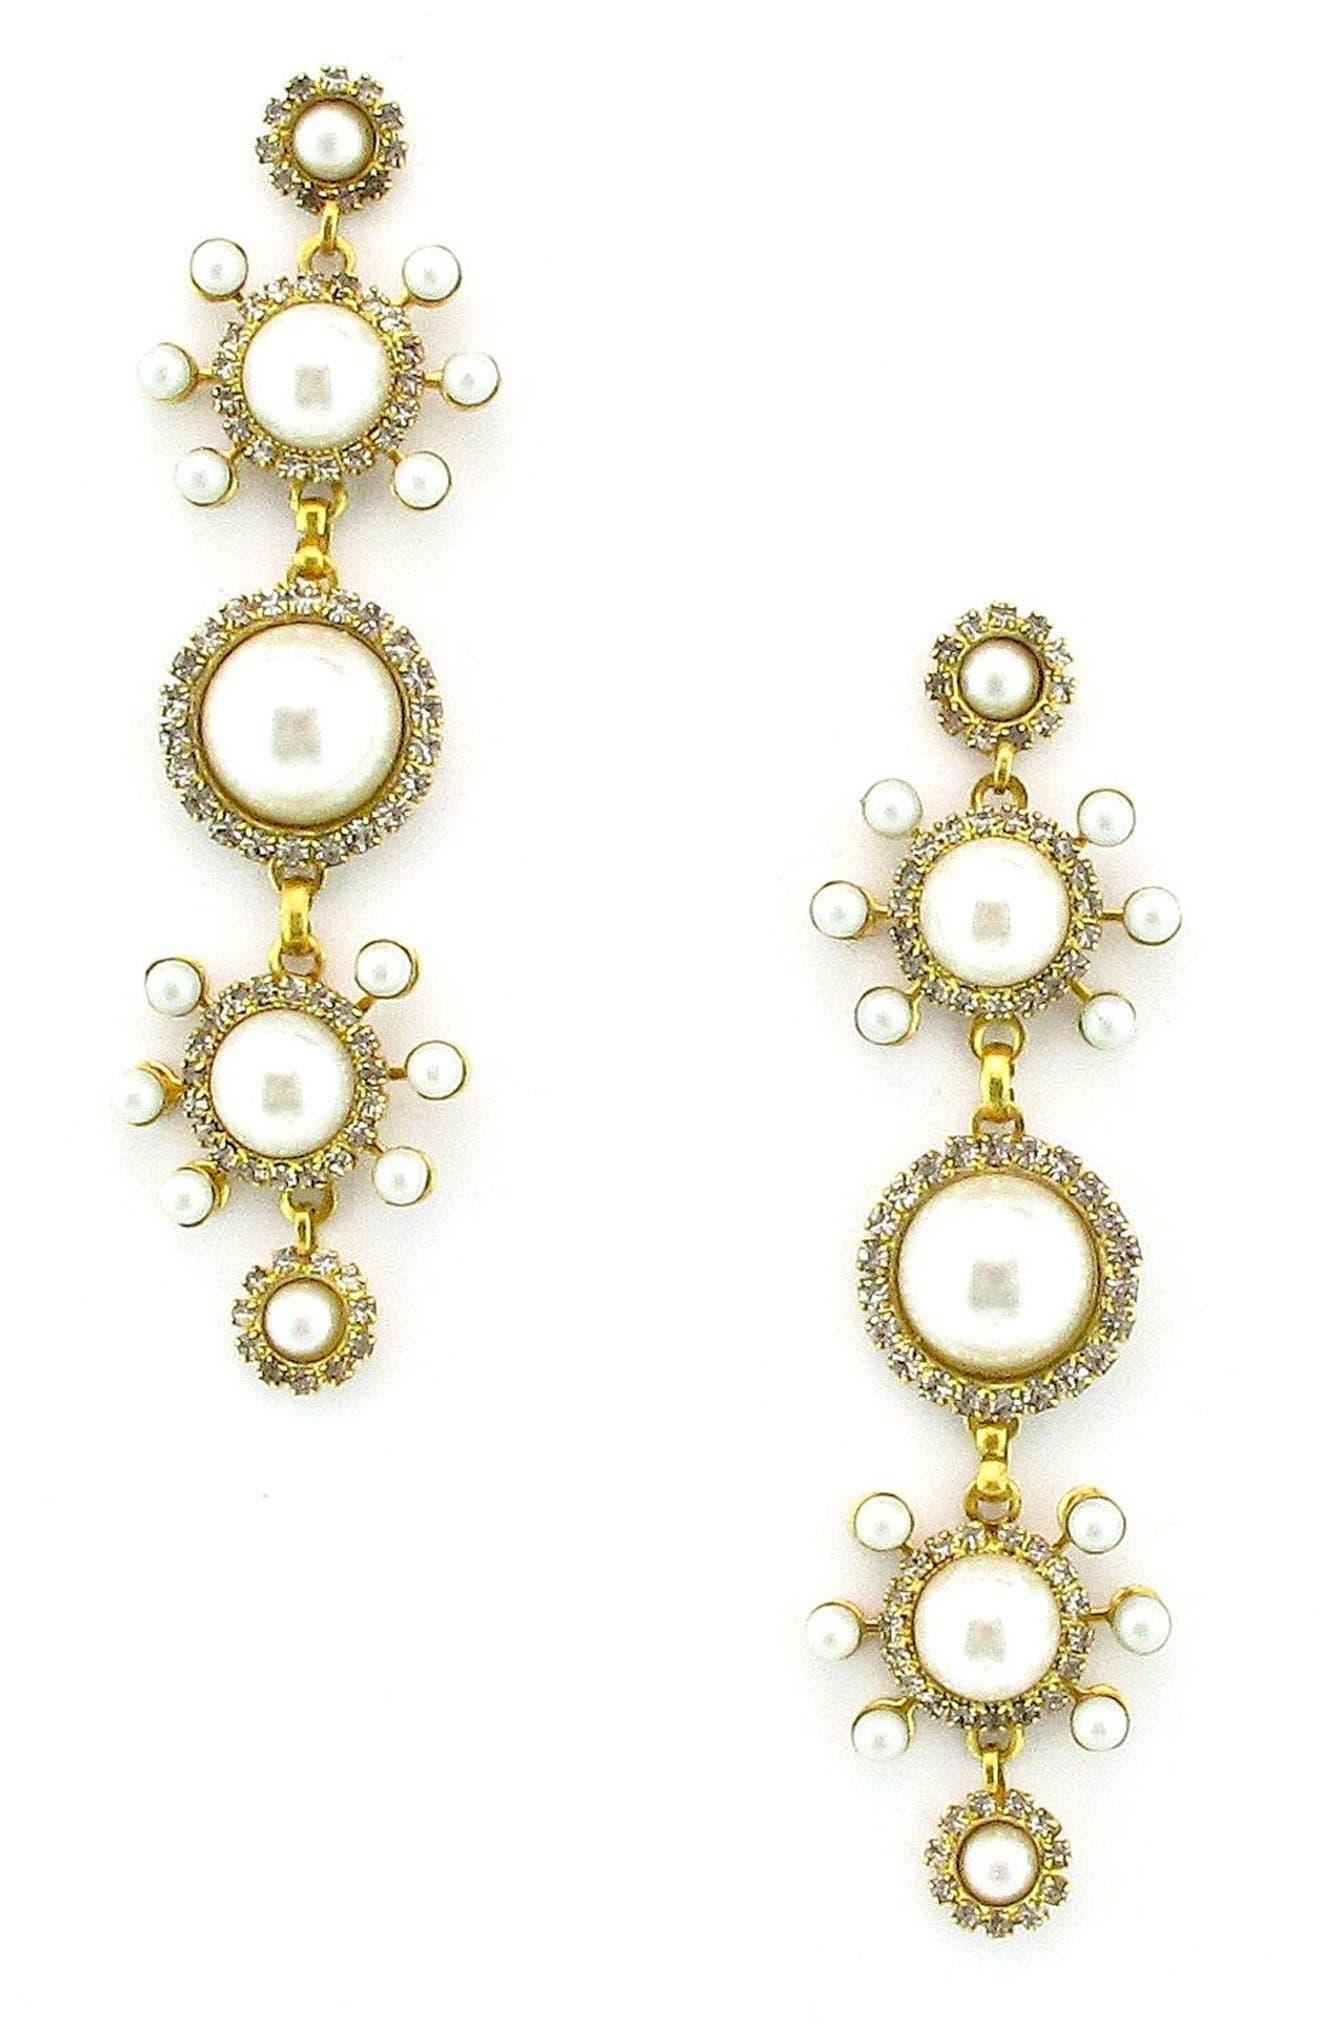 Main Image - Elizabeth Cole Gretchen Imitation Pearl Linear Earrings